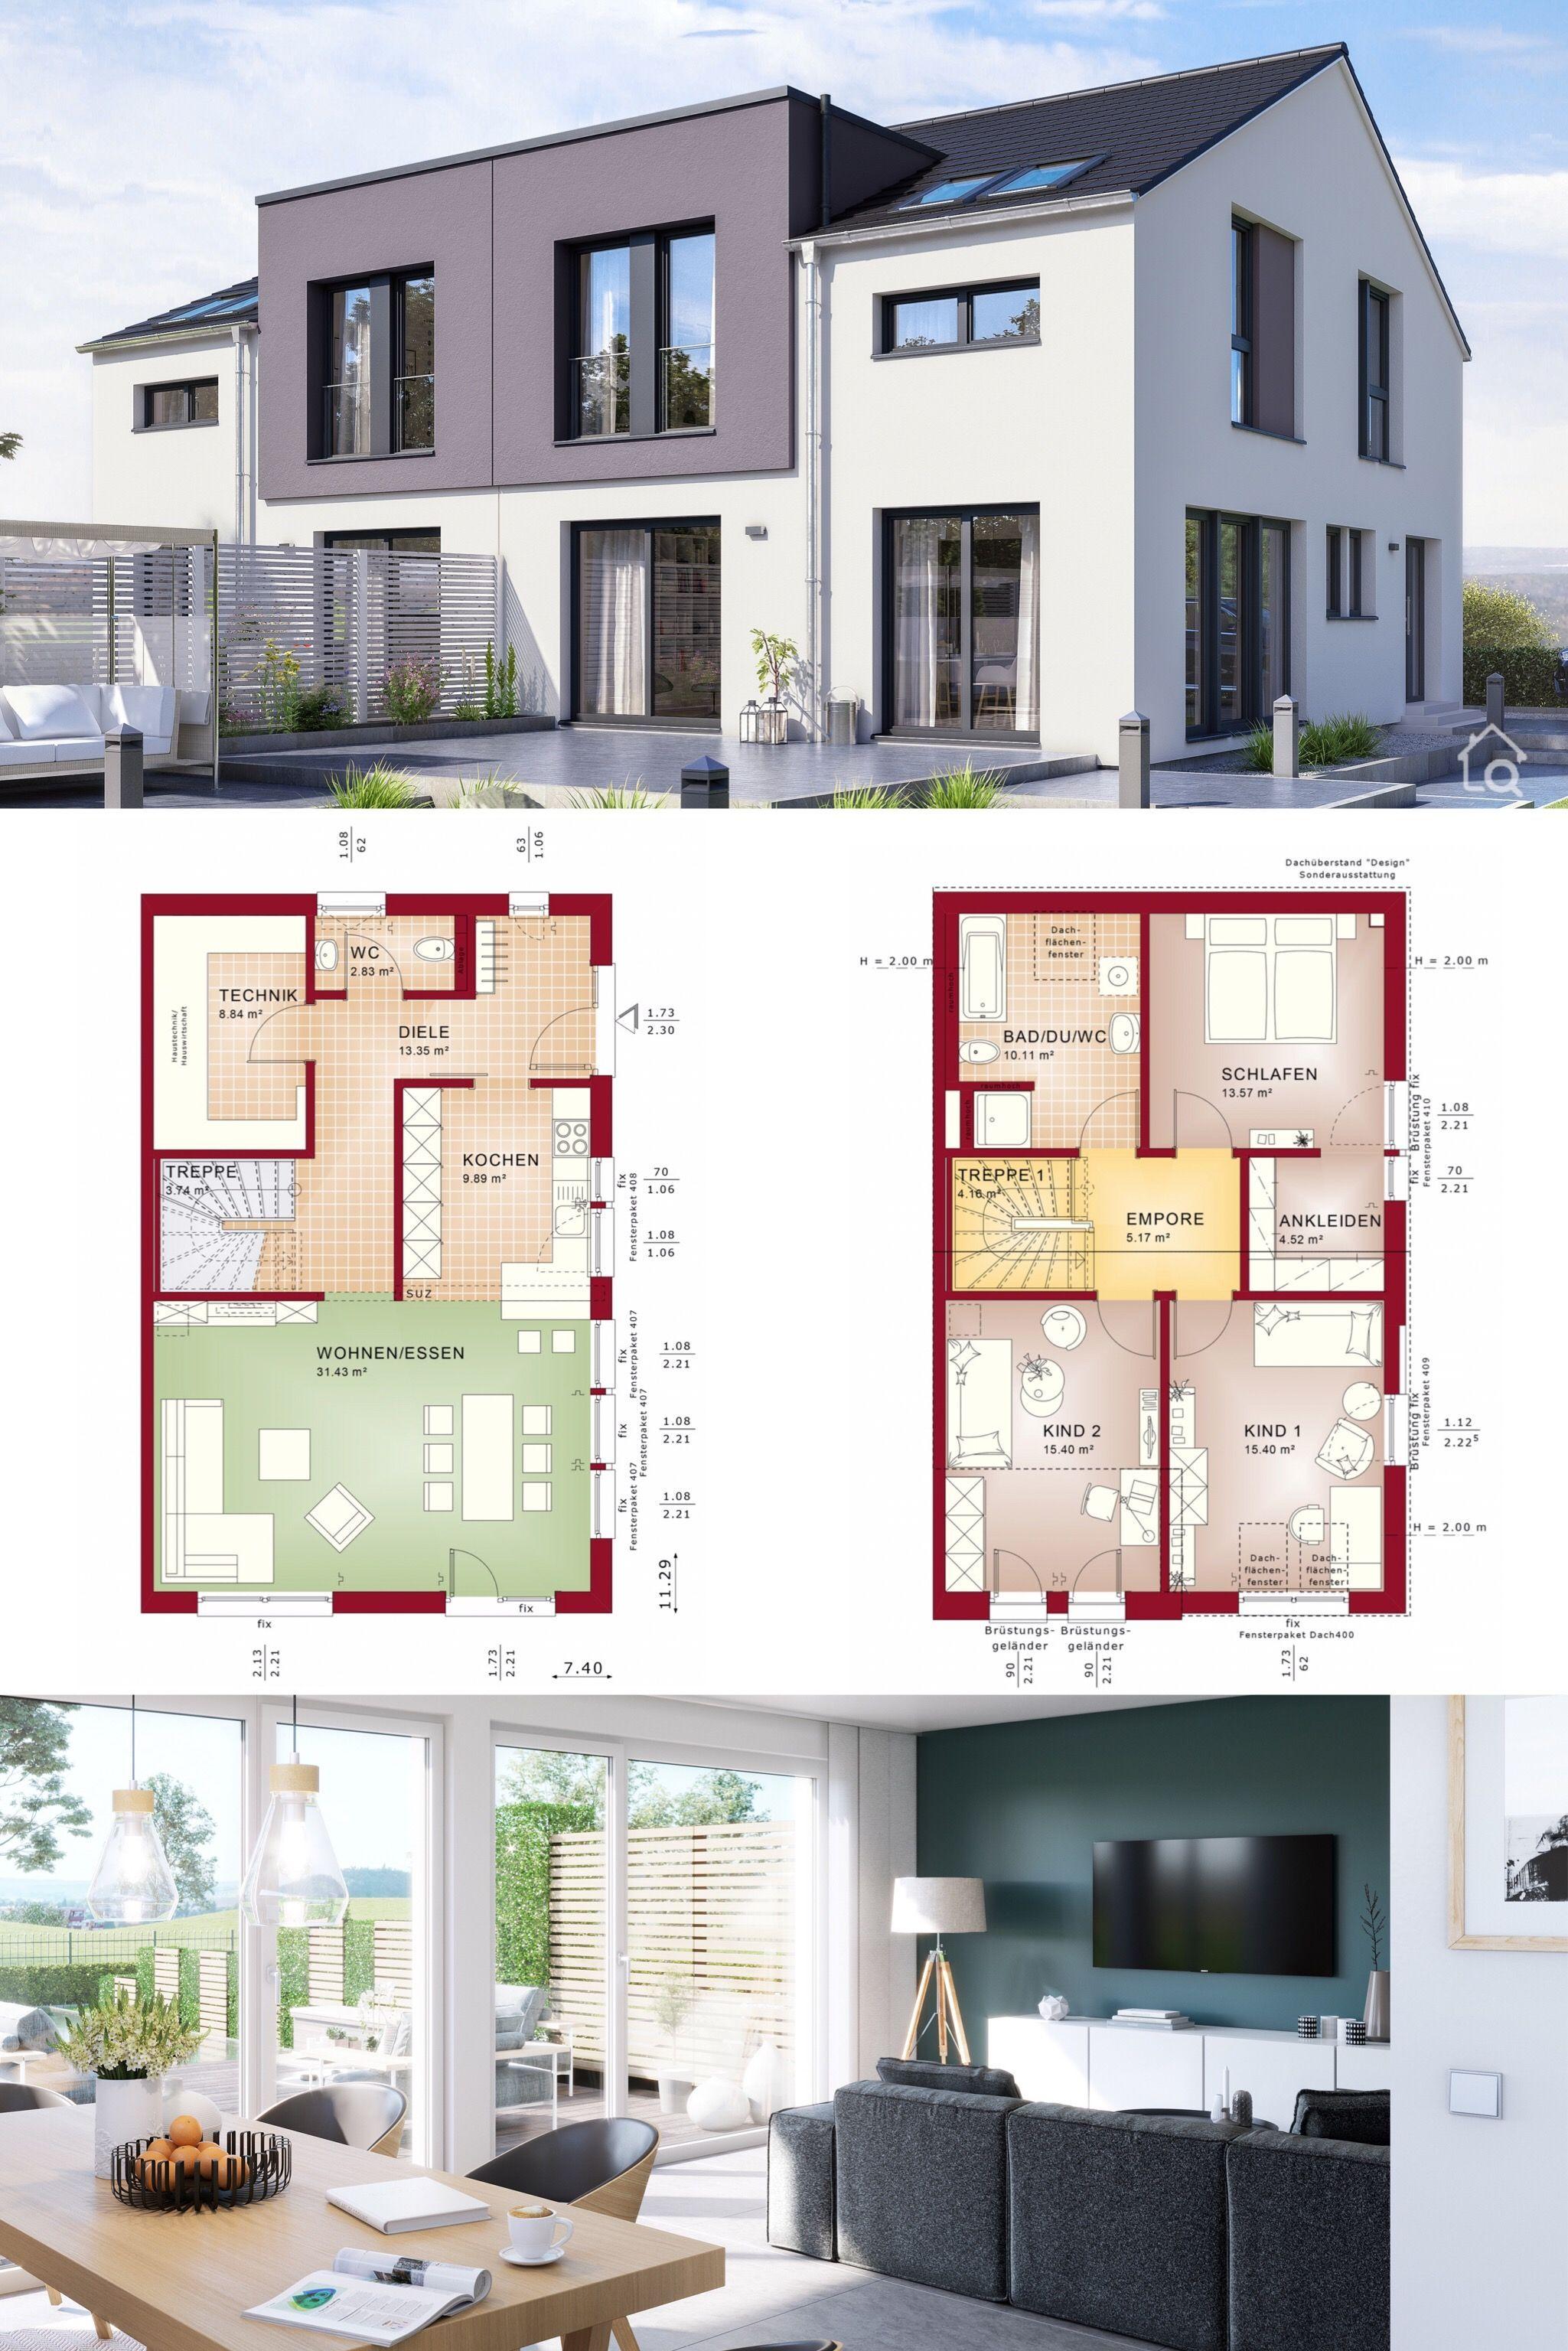 Modernes Doppelhaus Grundriss mit 4 Zimmer & Satteldach